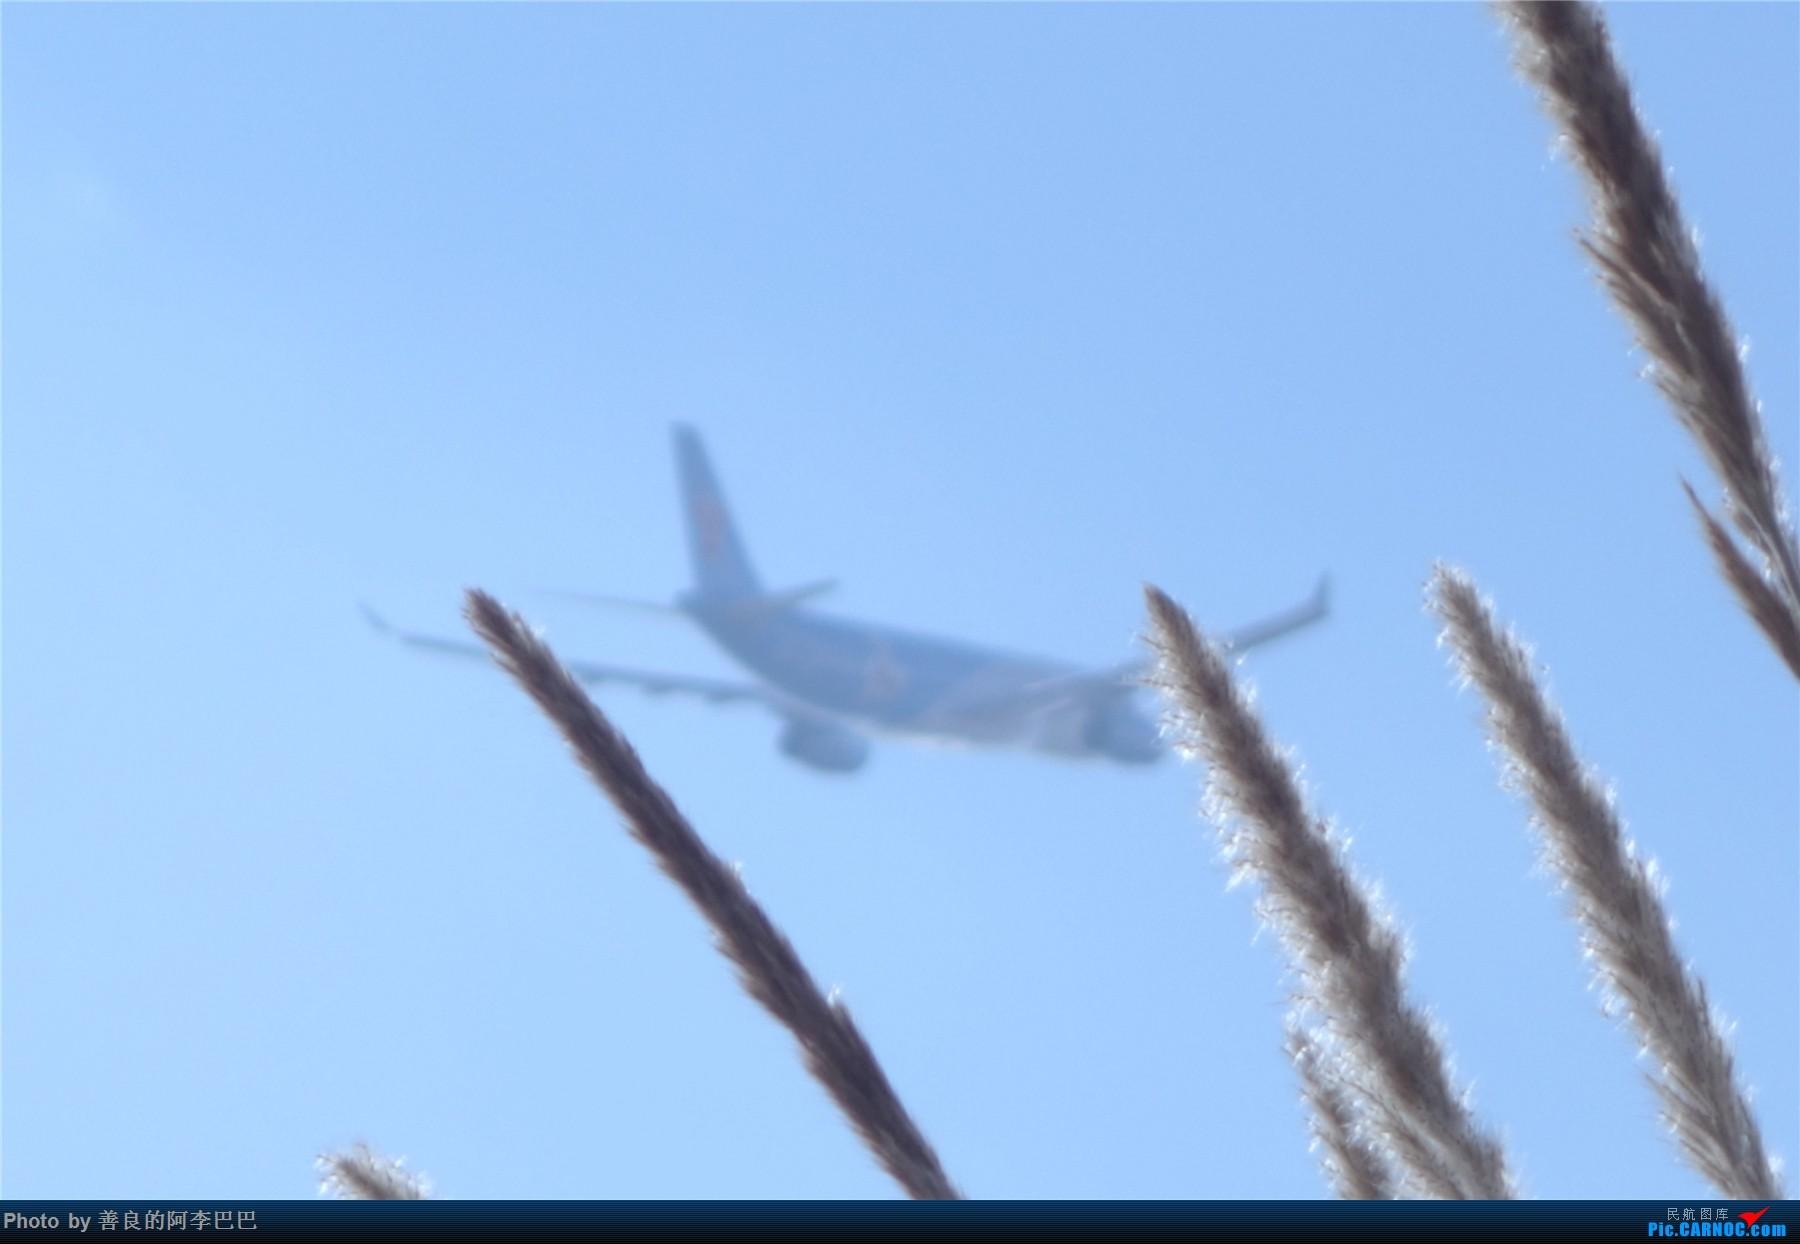 Re:[原创]长水淡雾中拍飞机 AIRBUS A330-200 B-6057 中国昆明长水国际机场